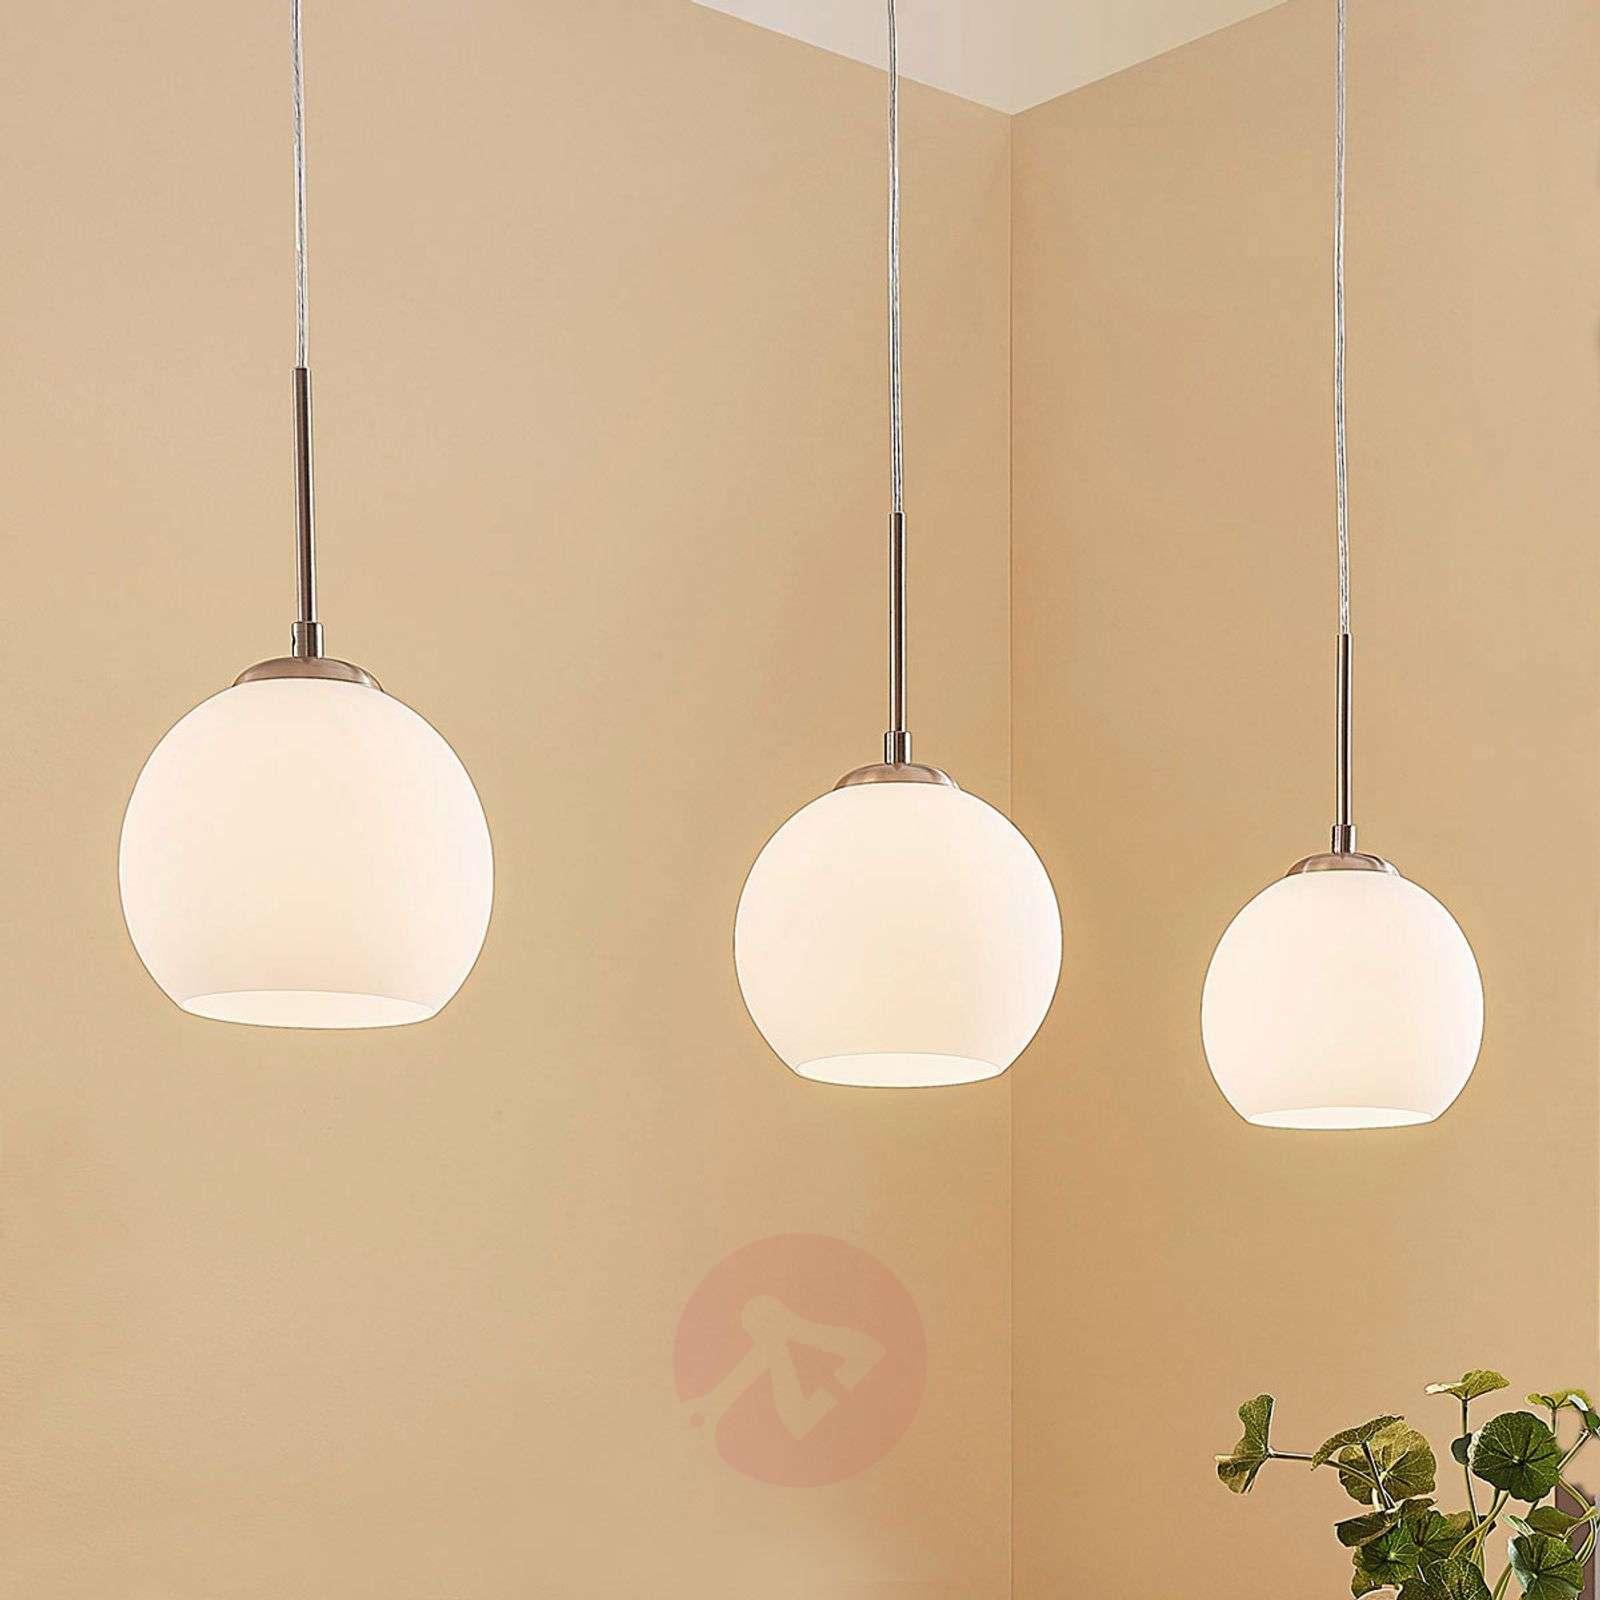 Kolmilamppuinen lasinen riippuvalaisin Eloy-9621790-01